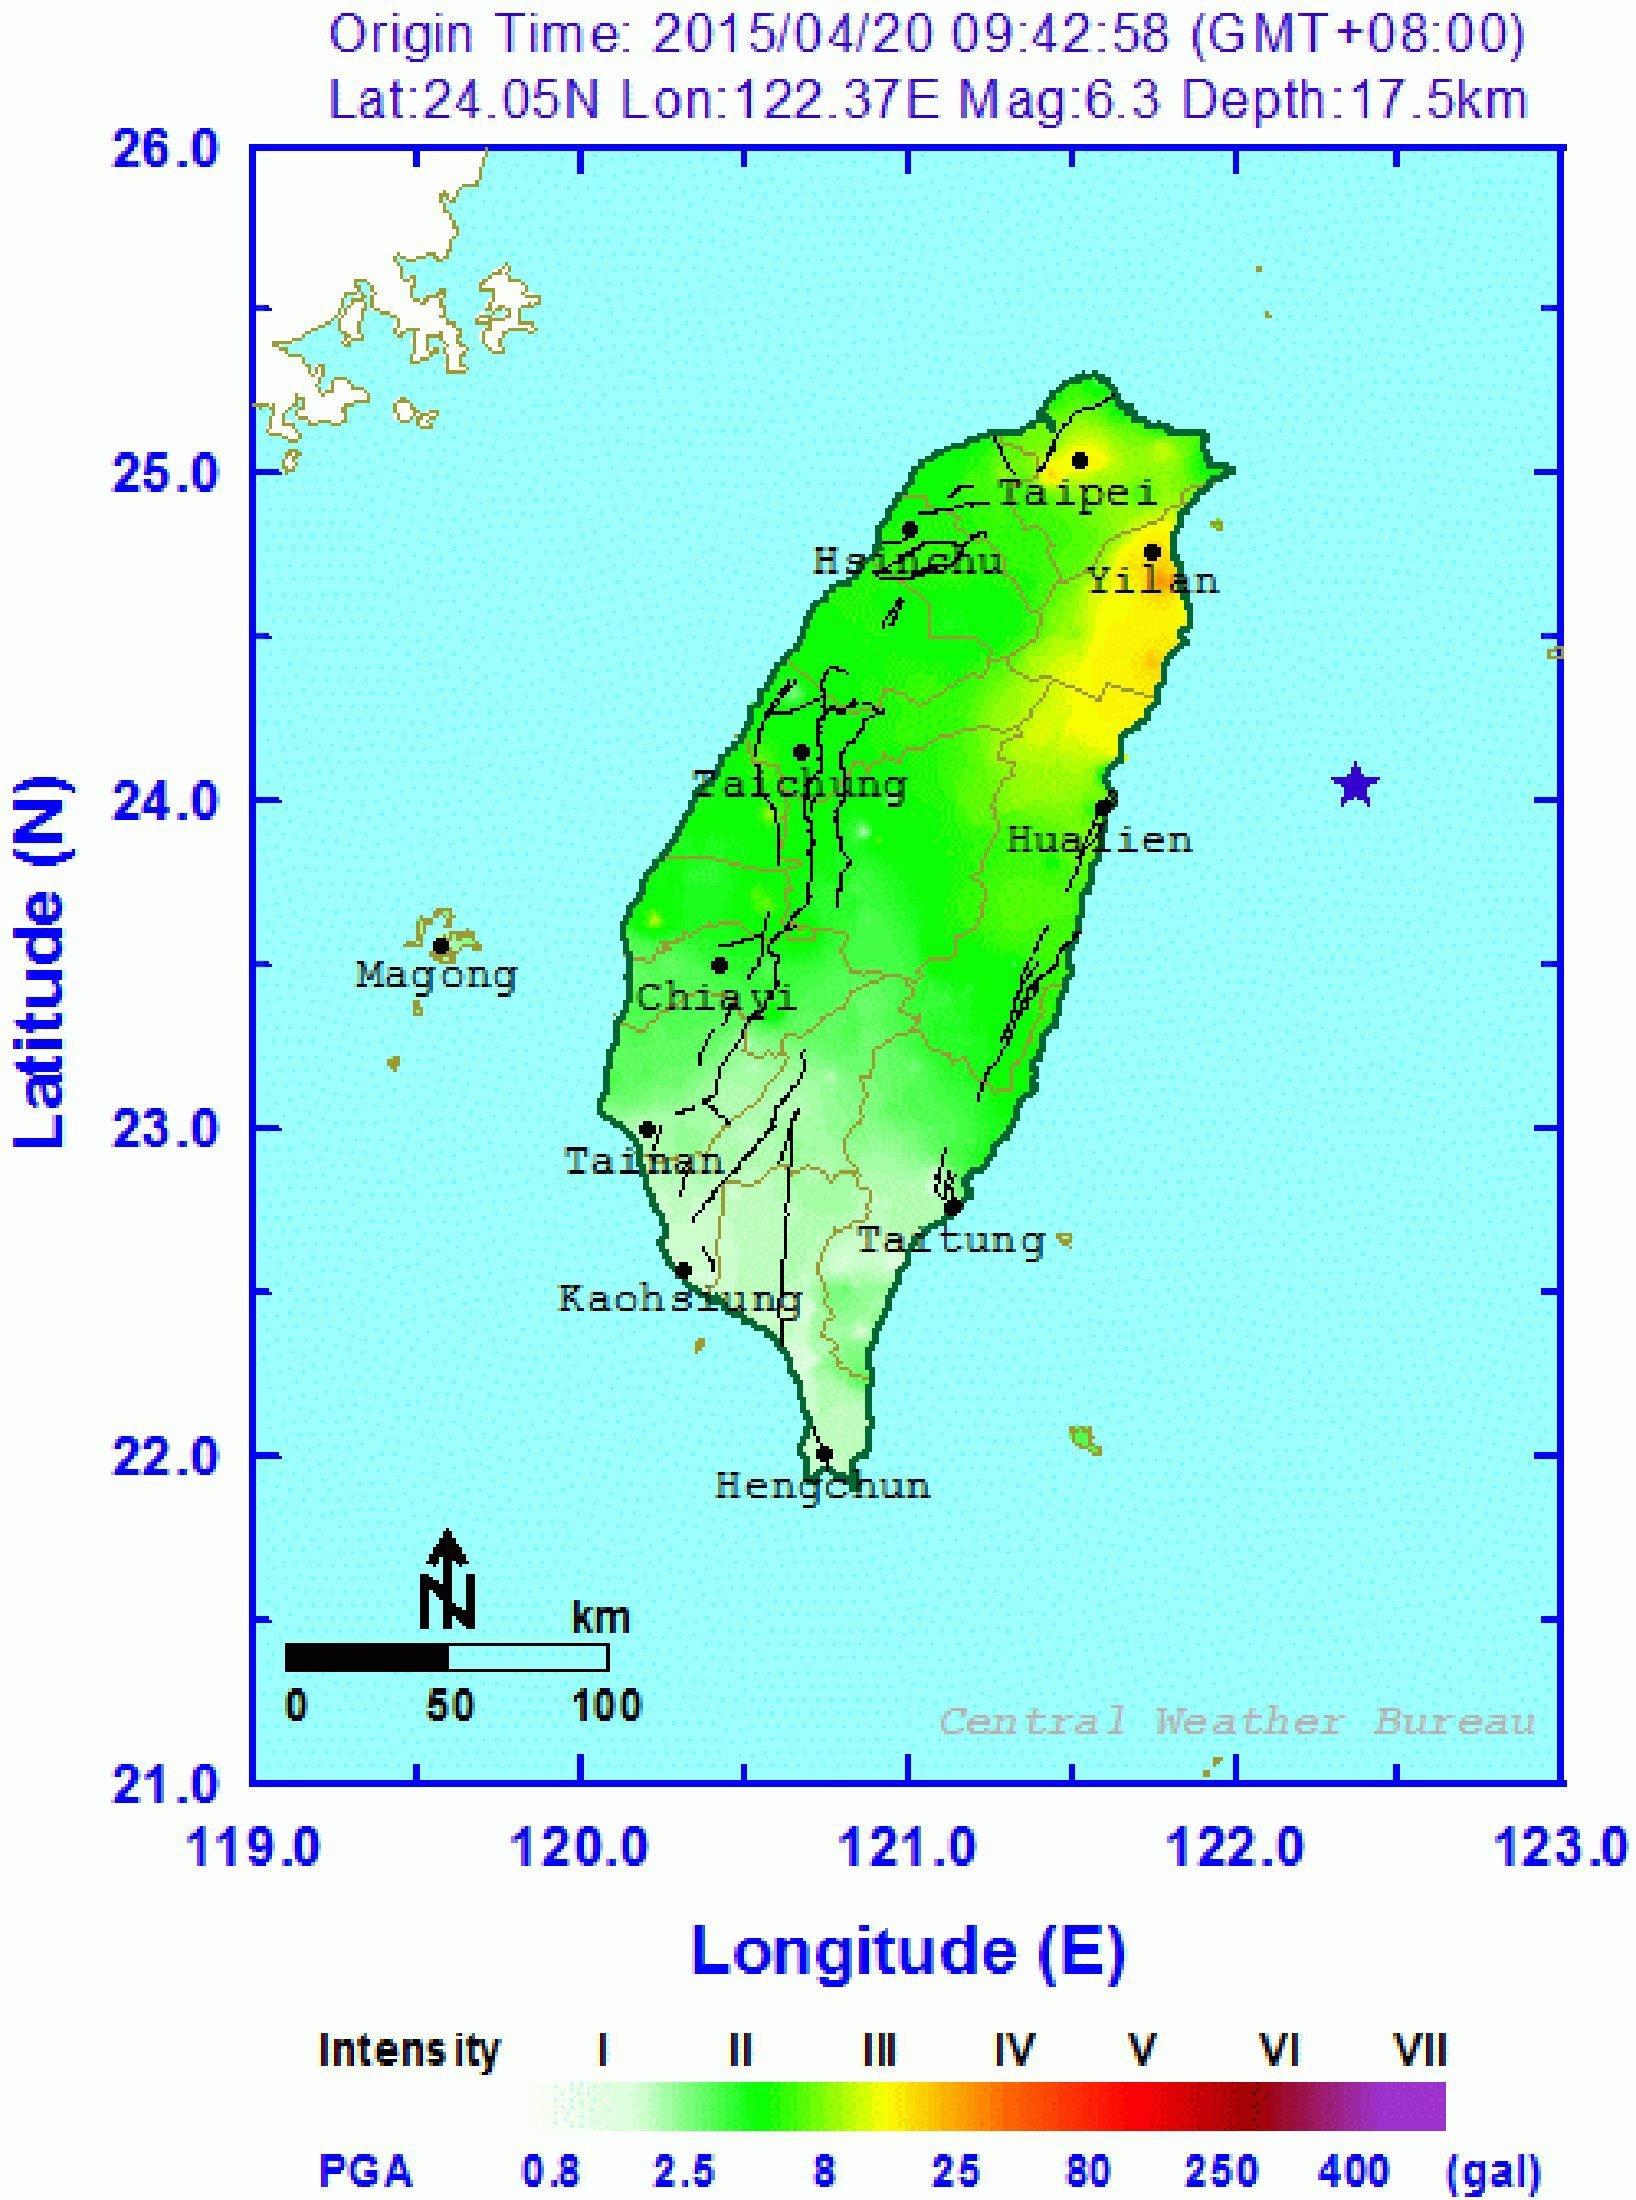 http://media4.s-nbcnews.com/i/newscms/2015_16/984966/150419-taiwan-quake_6a70a4cb80e451c7c9c63483b8dd3149.jpg